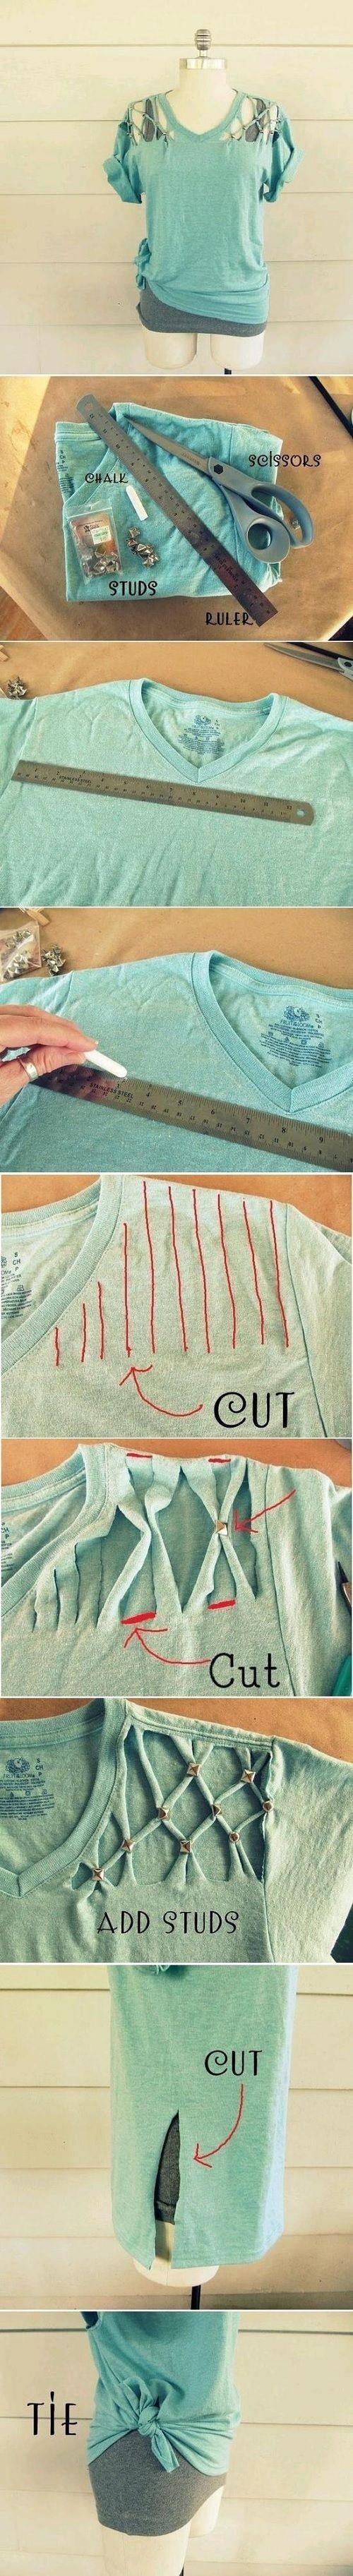 customização de camiseta com detalhes de recortes nos ombros